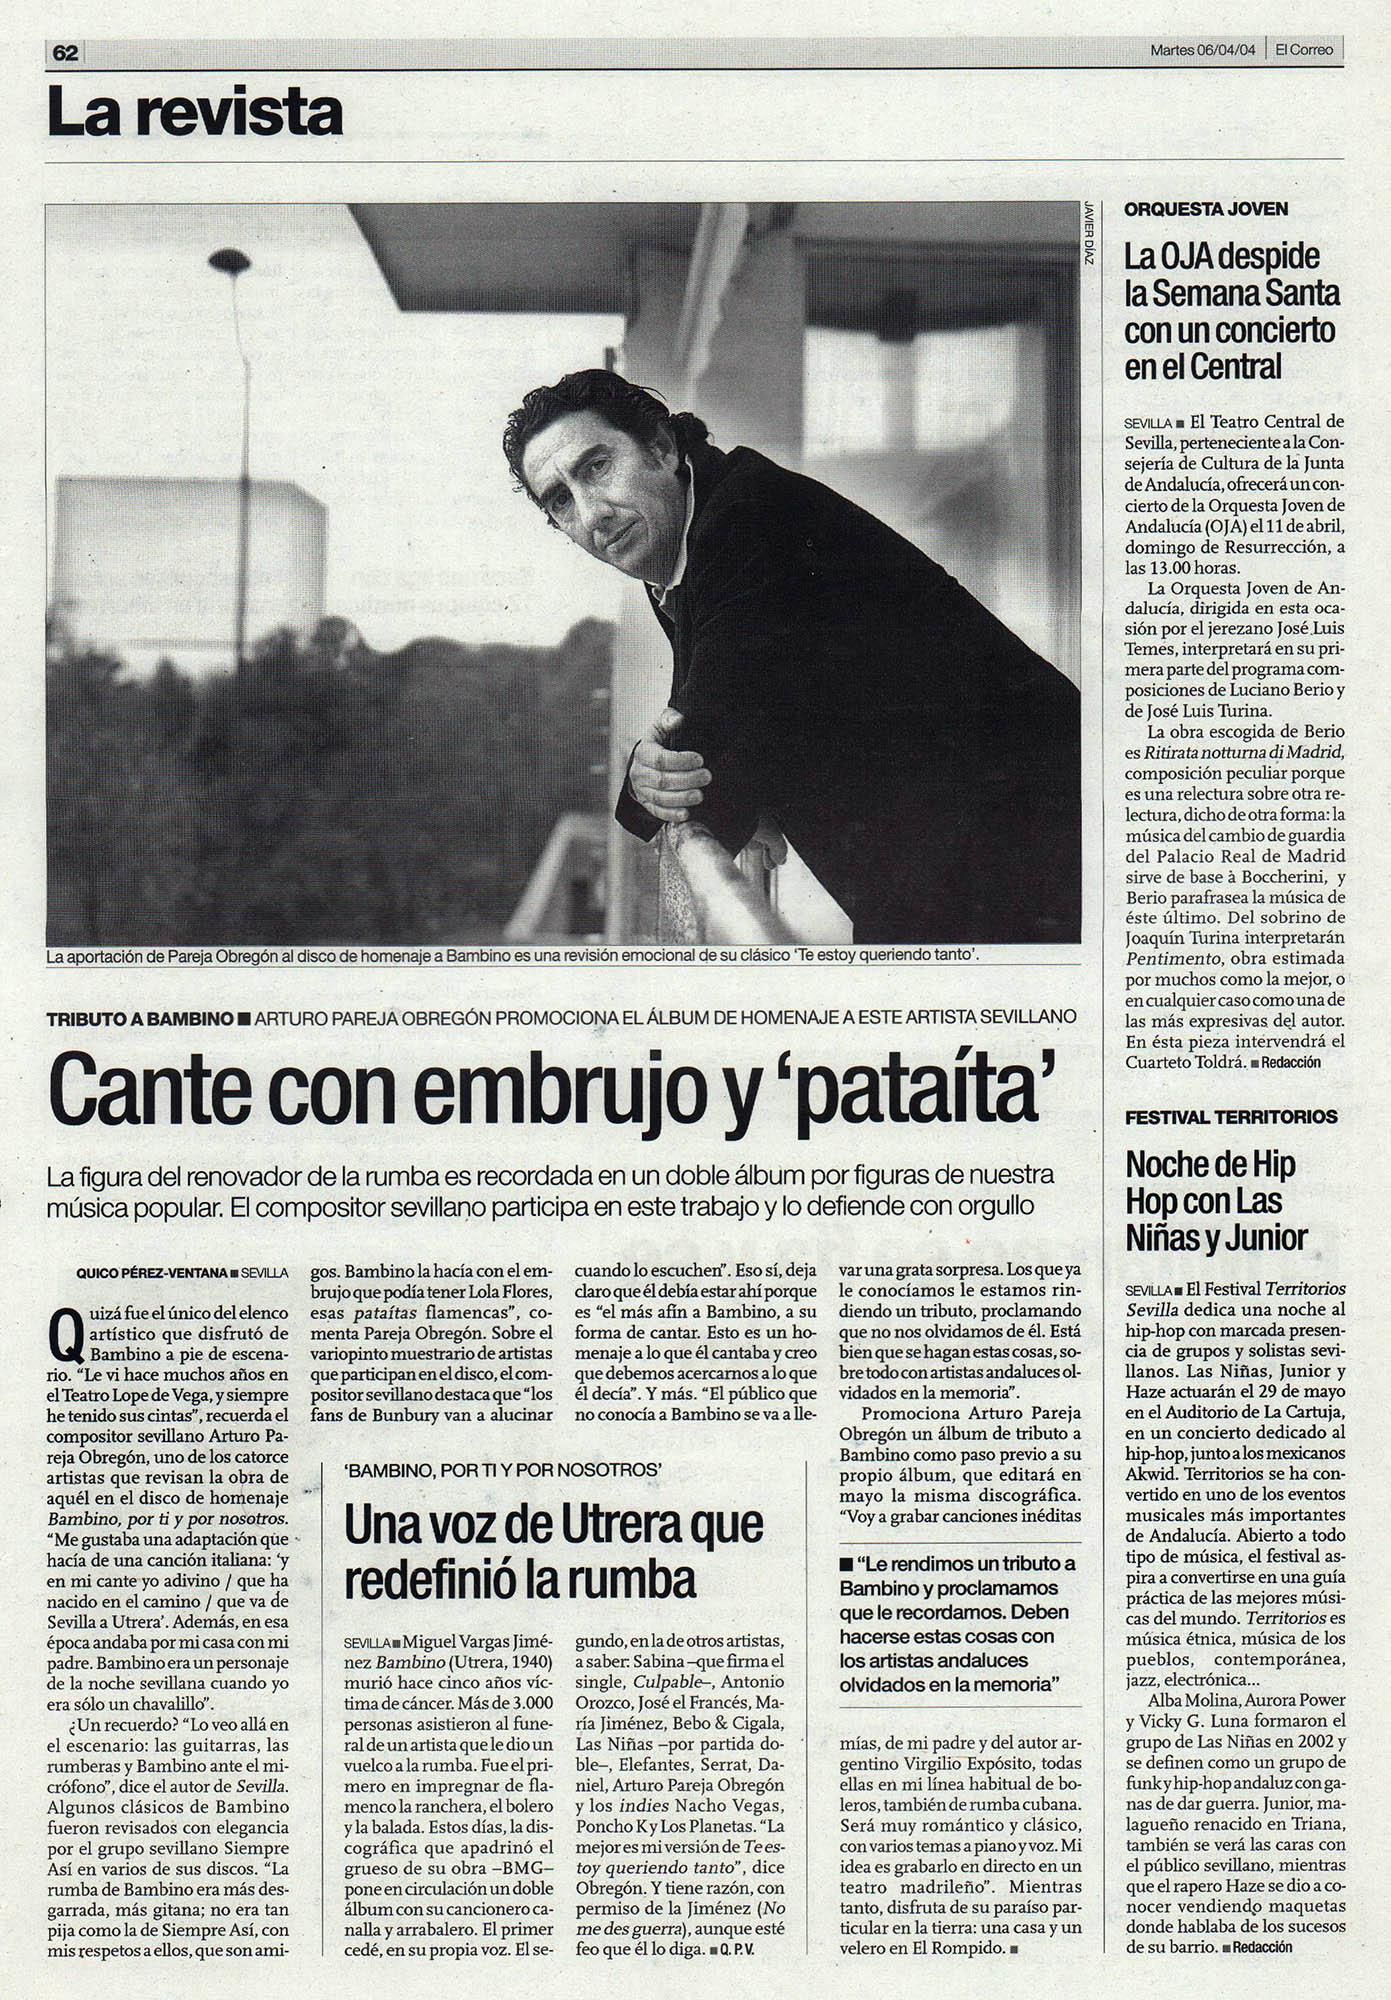 Arturo Pareja Obregón - Tributo a Bambino   El Correo de Andalucía   6 abr 2004